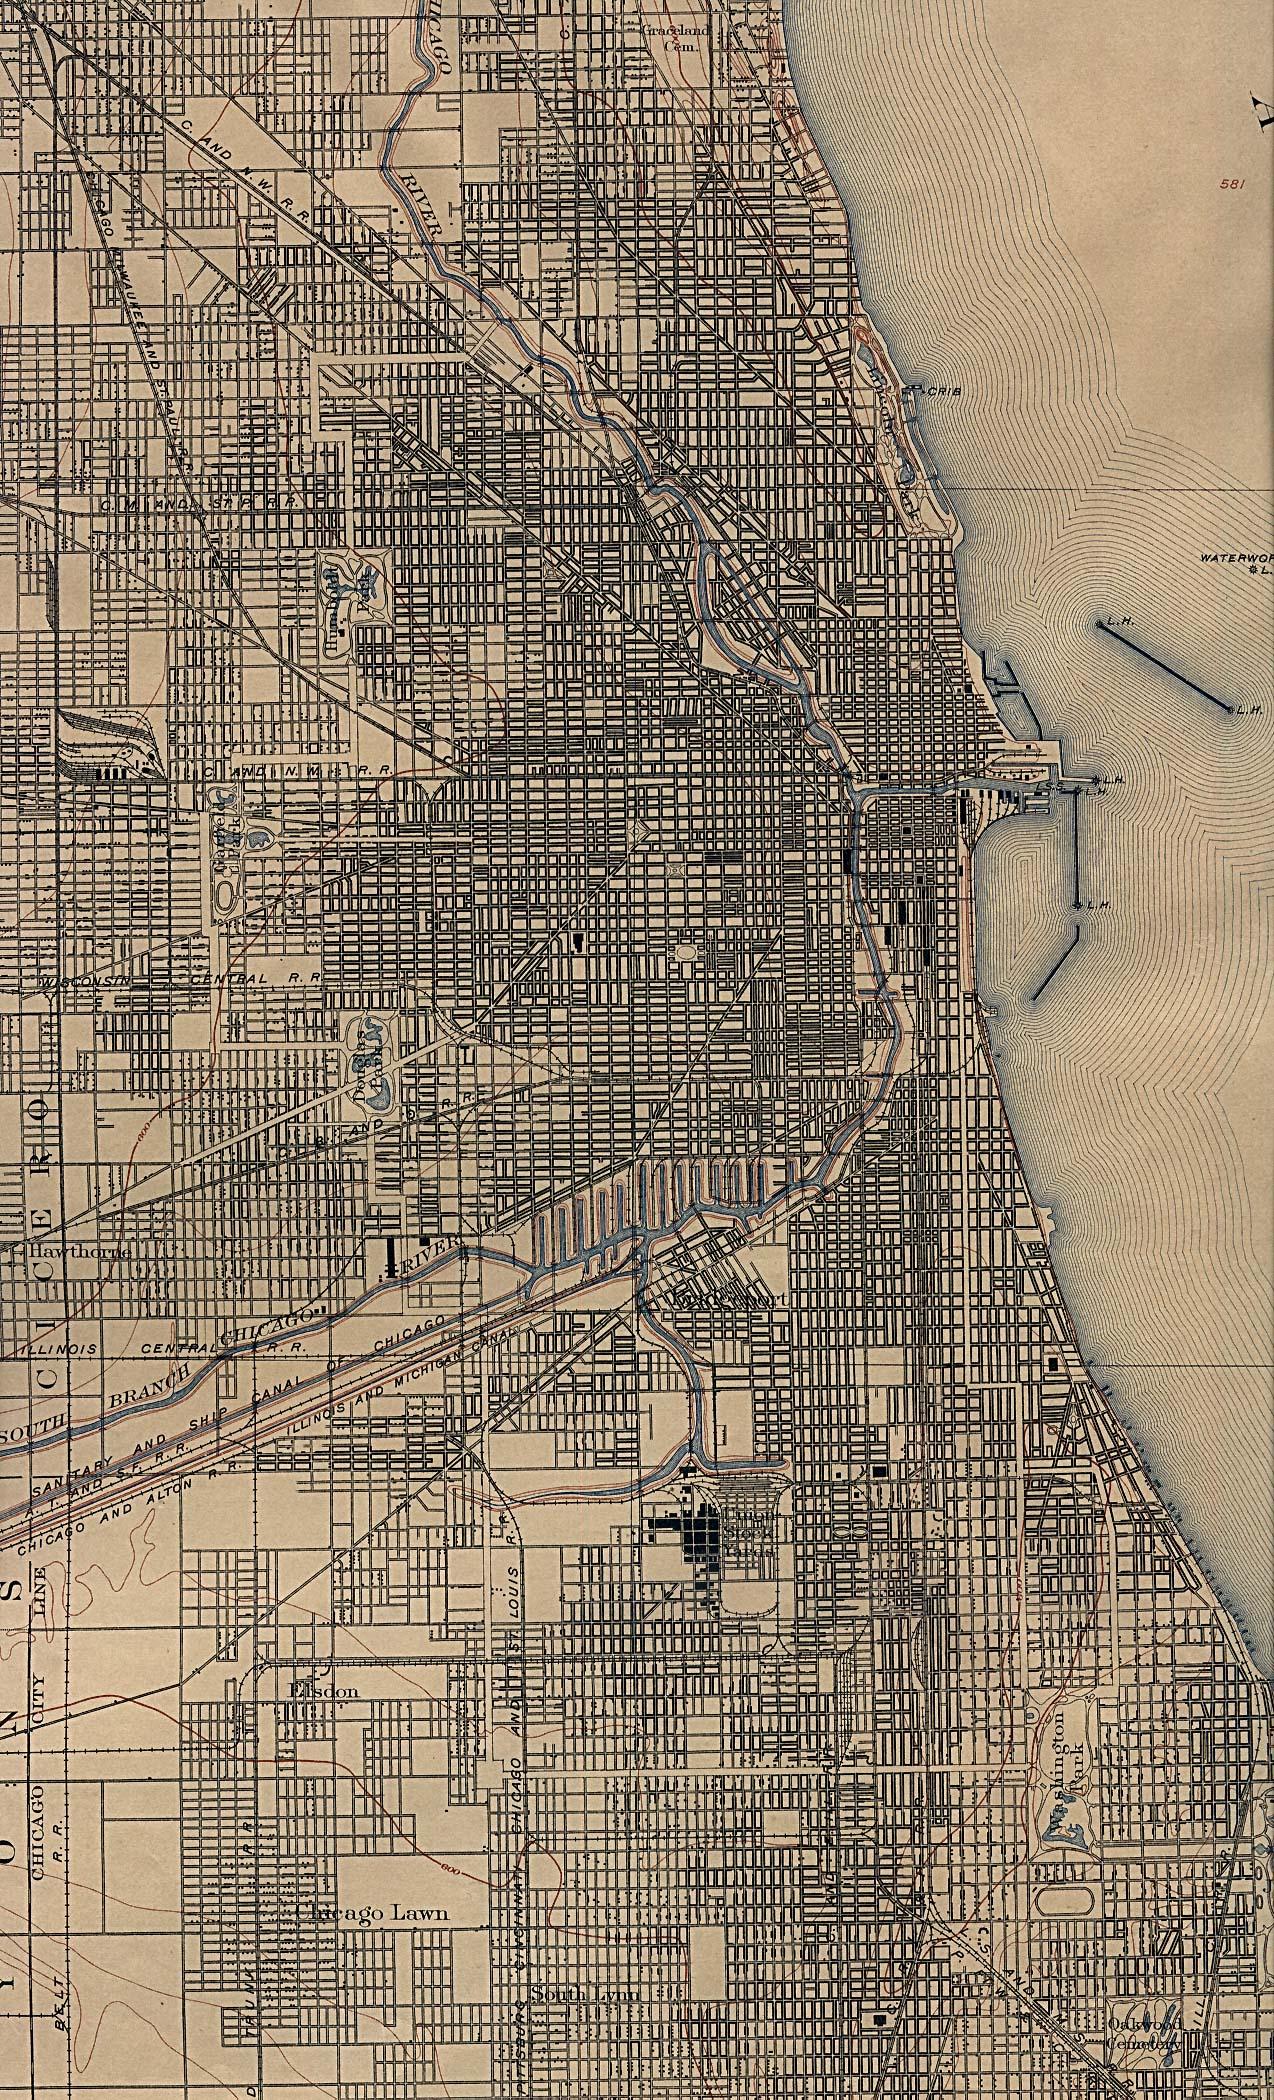 Mapa de la Ciudad de Chicago, Illinois, Estados Unidos 1901